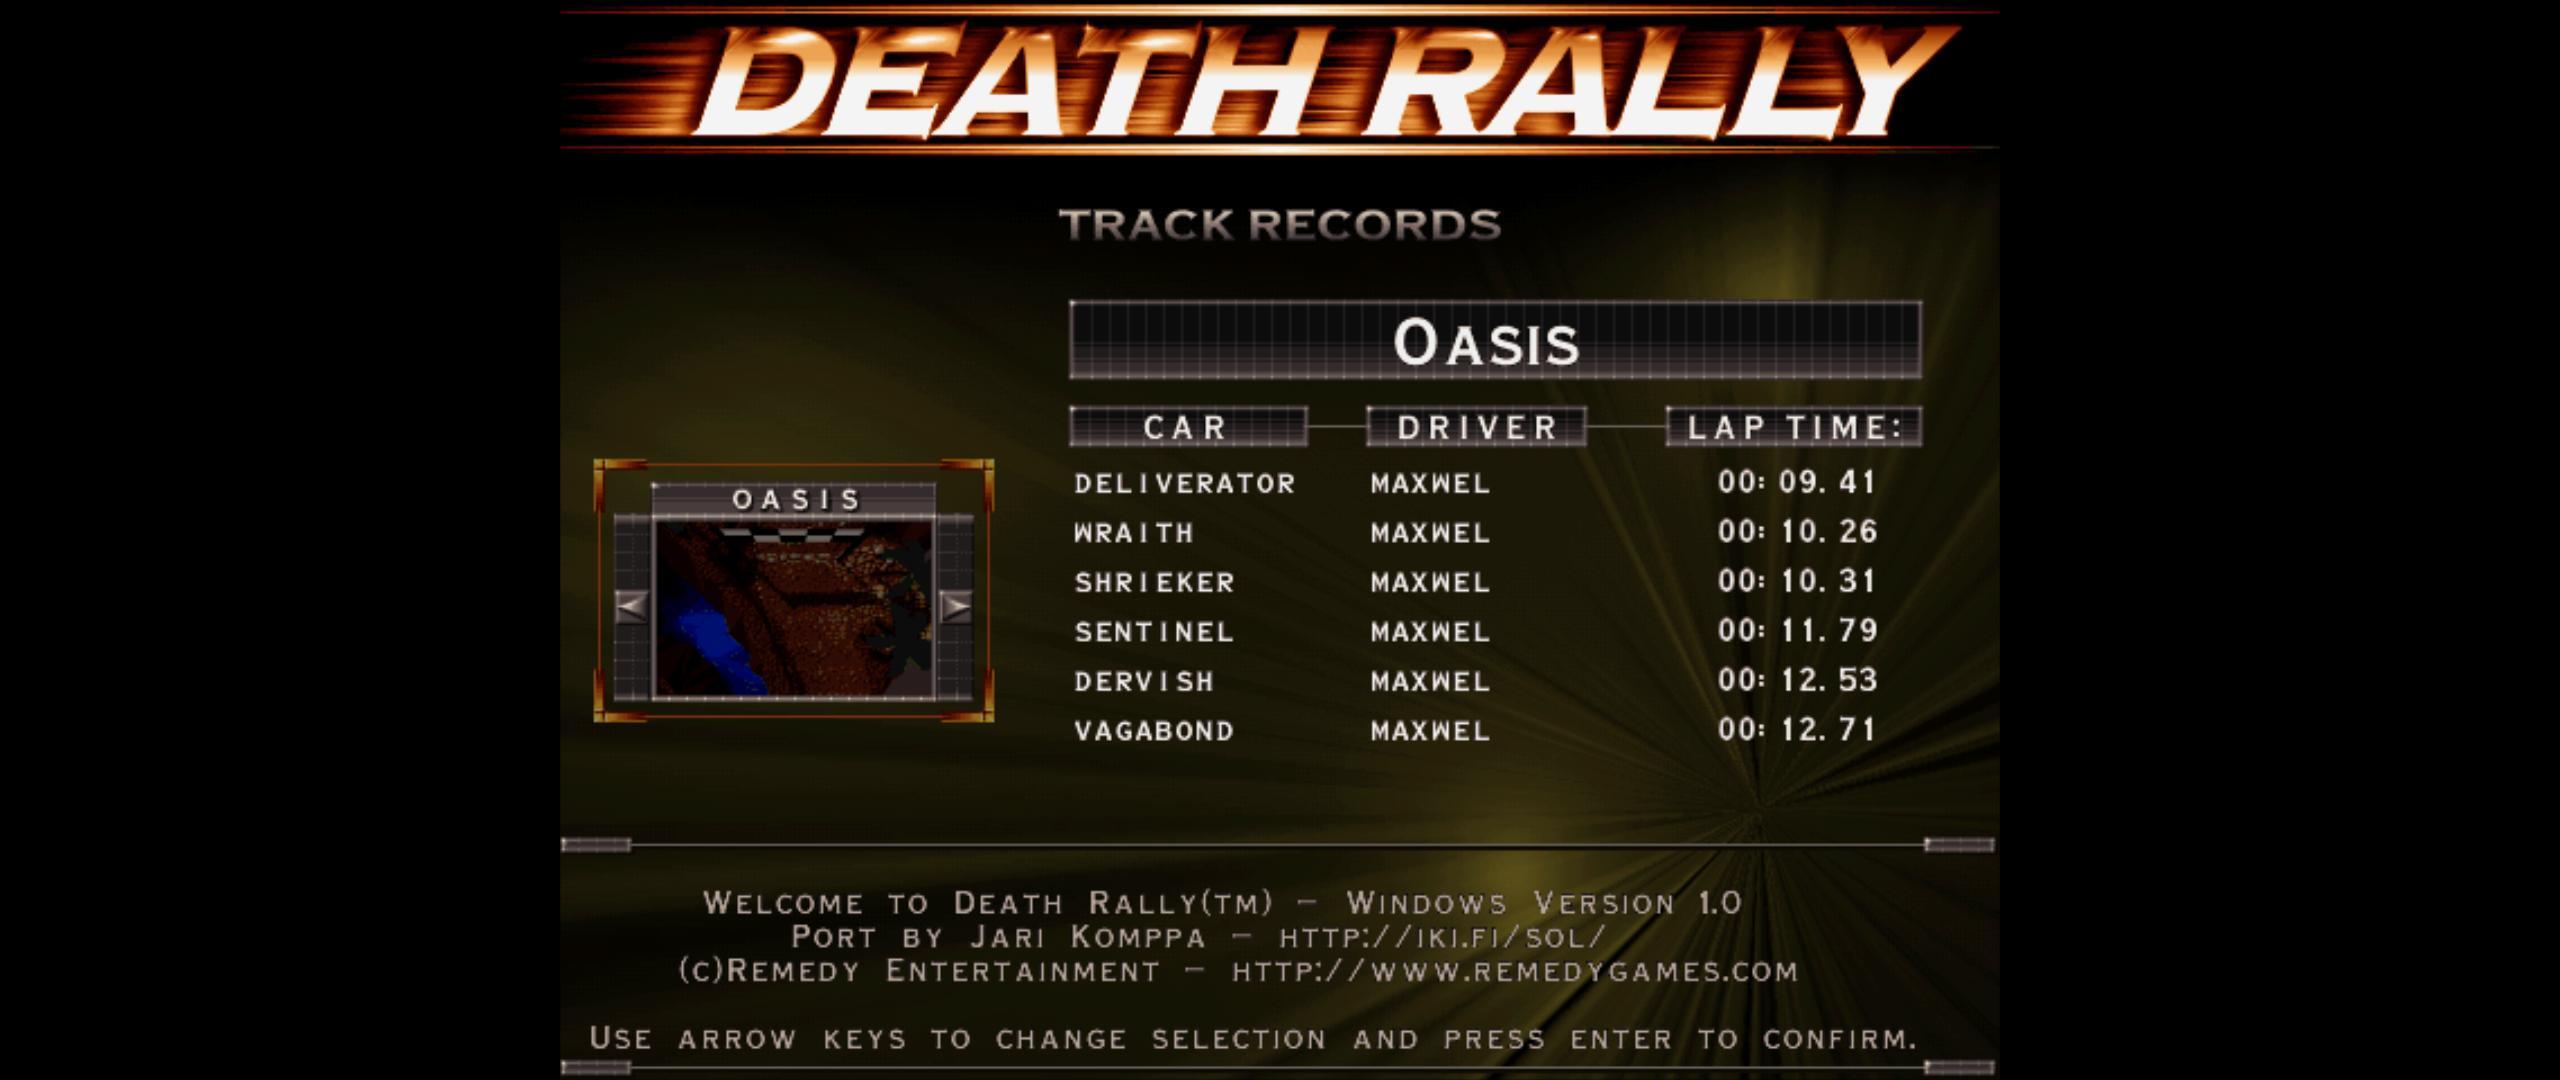 Maxwel: Death Rally [Oasis, Wraith Car] (PC) 0:00:10.26 points on 2016-03-02 06:42:22